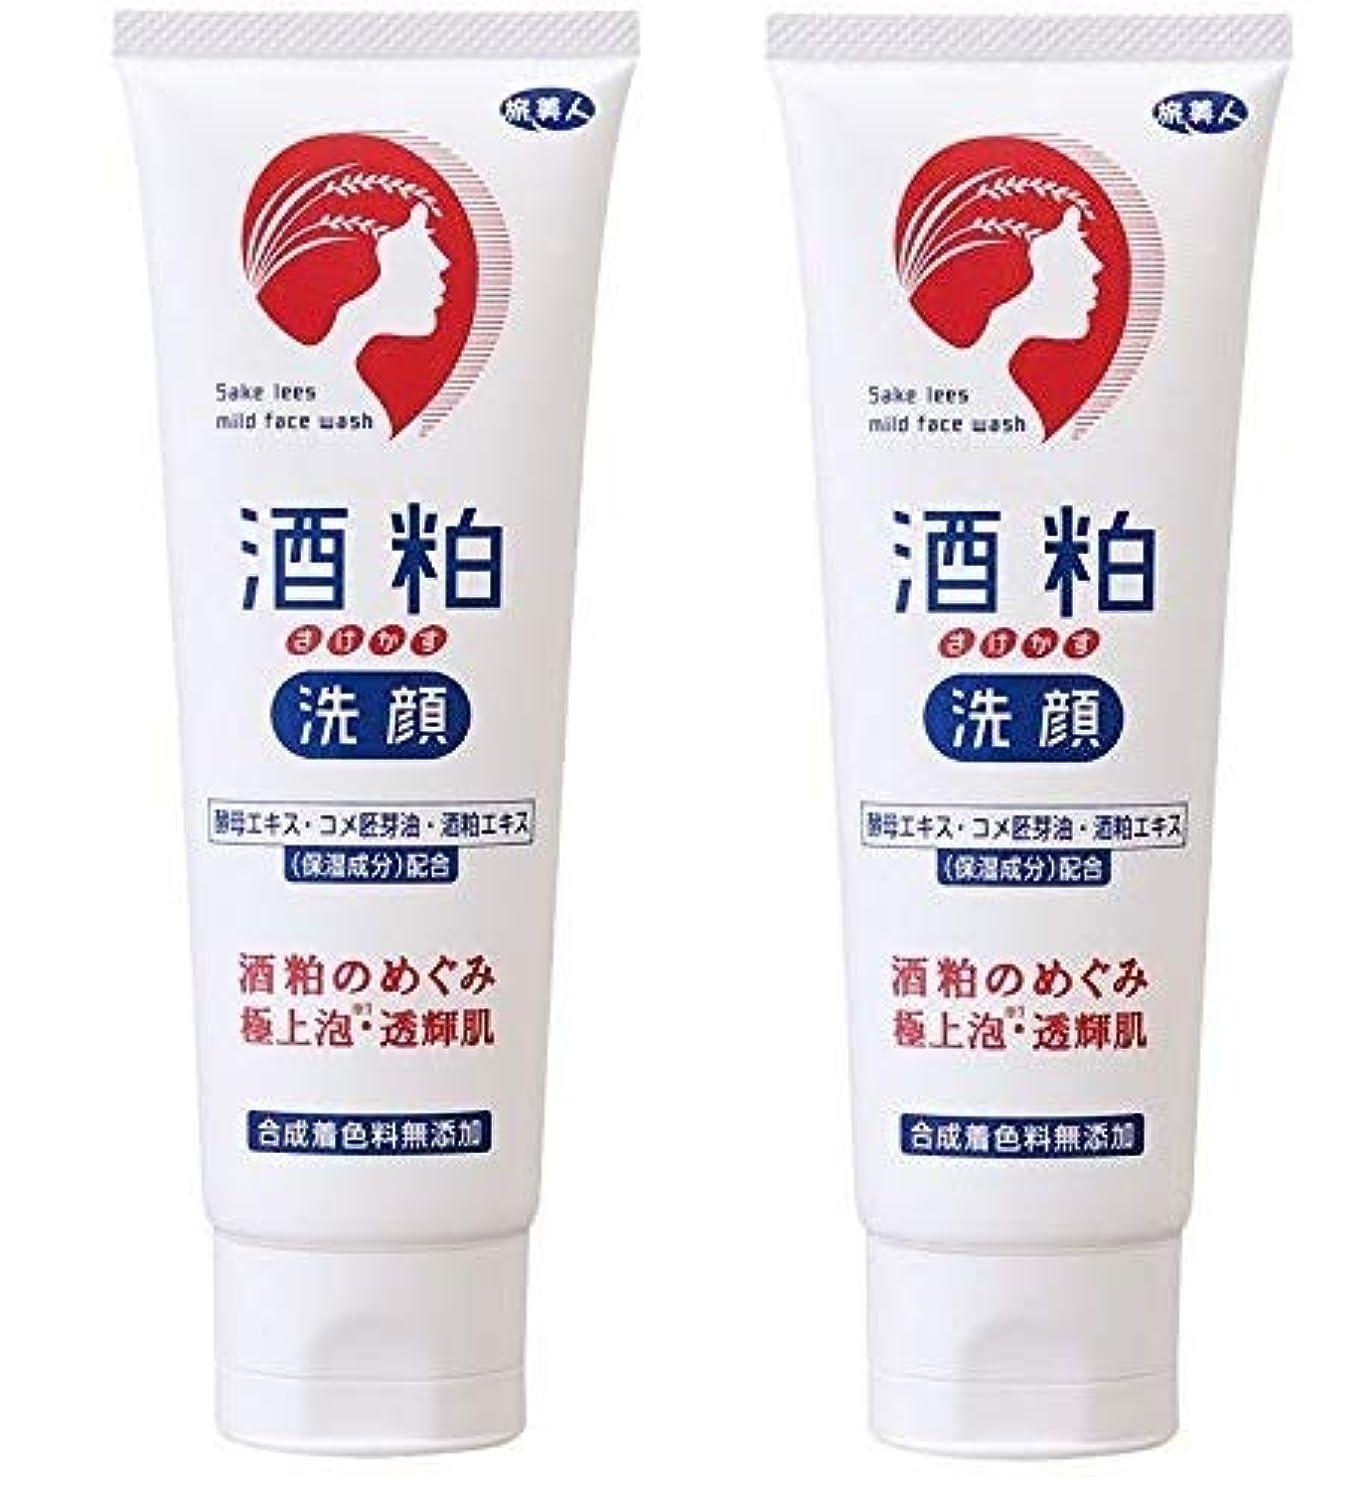 チューブ薄めるに頼る旅美人 酒粕洗顔 アズマ商事 (2個)